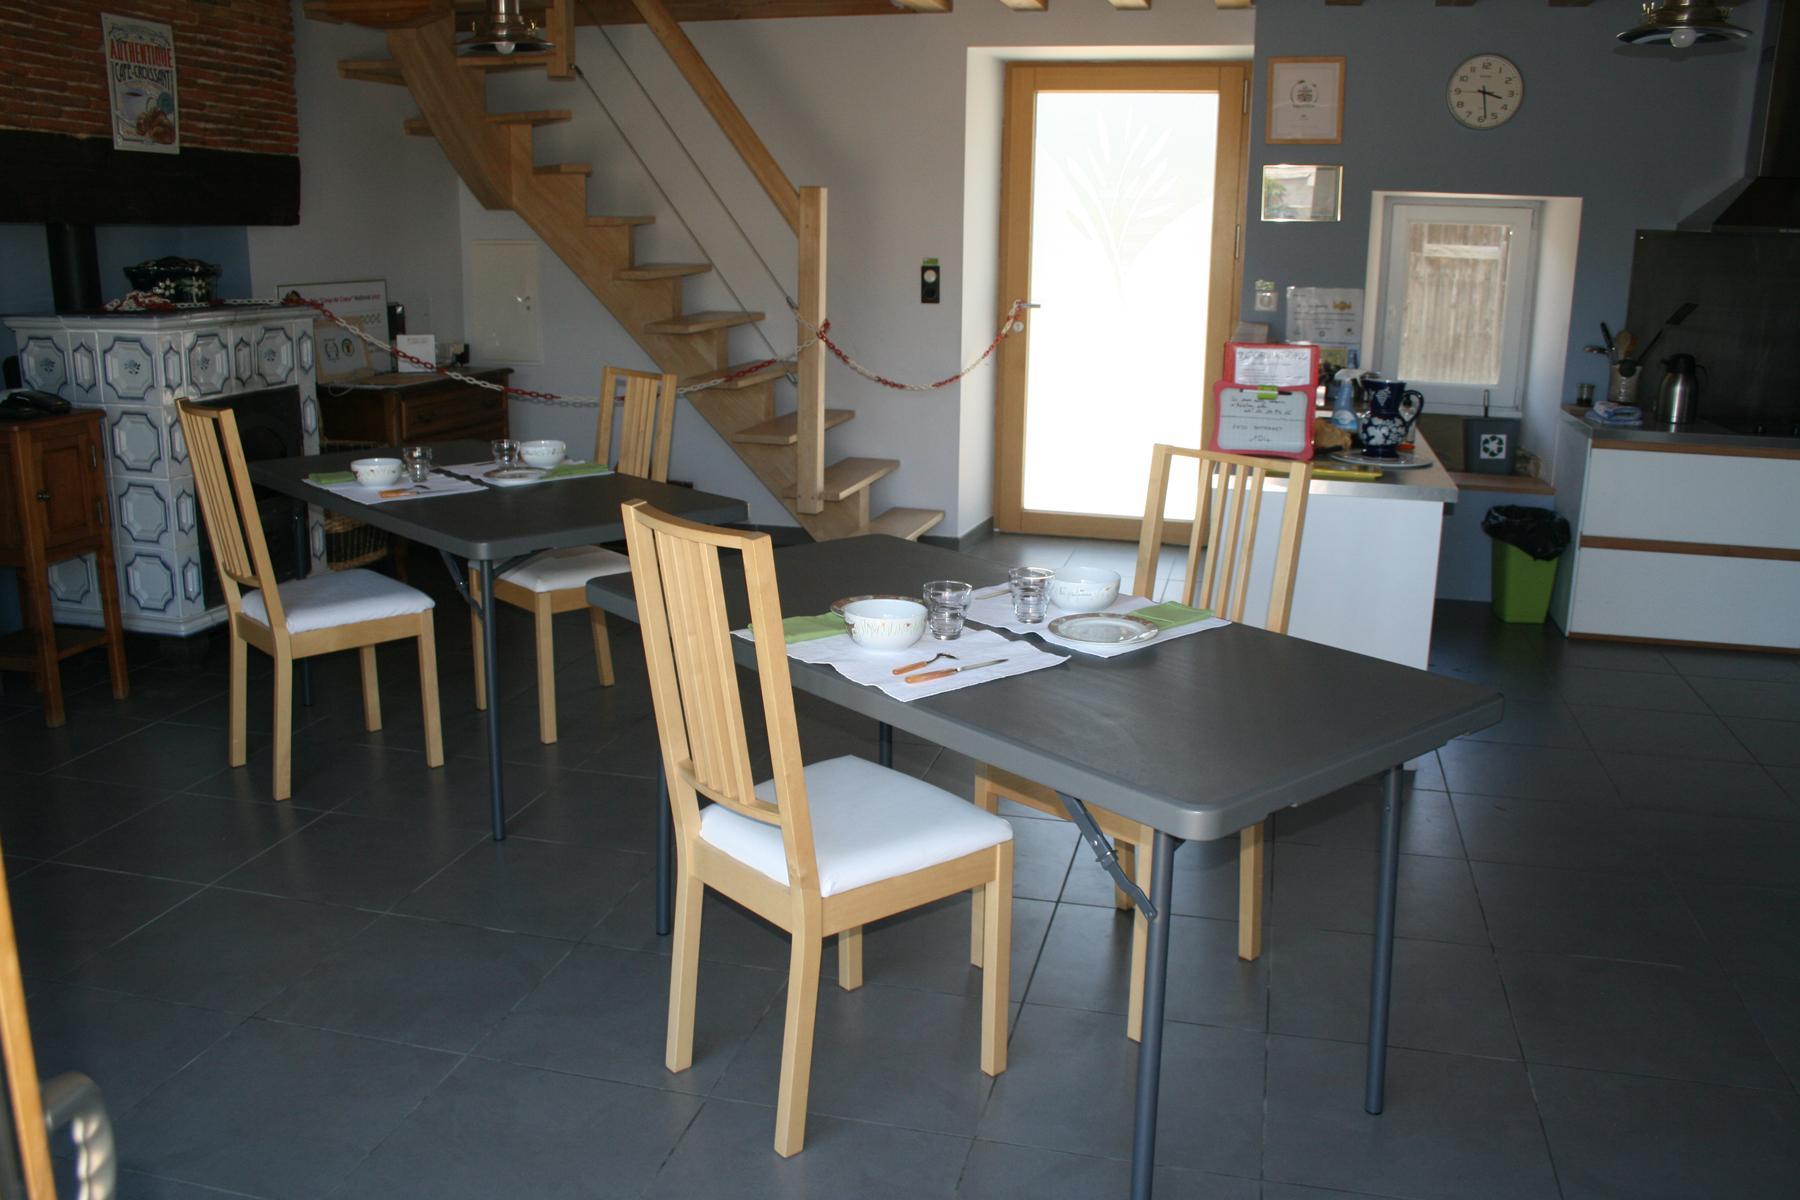 La salle à manger version COVID 19